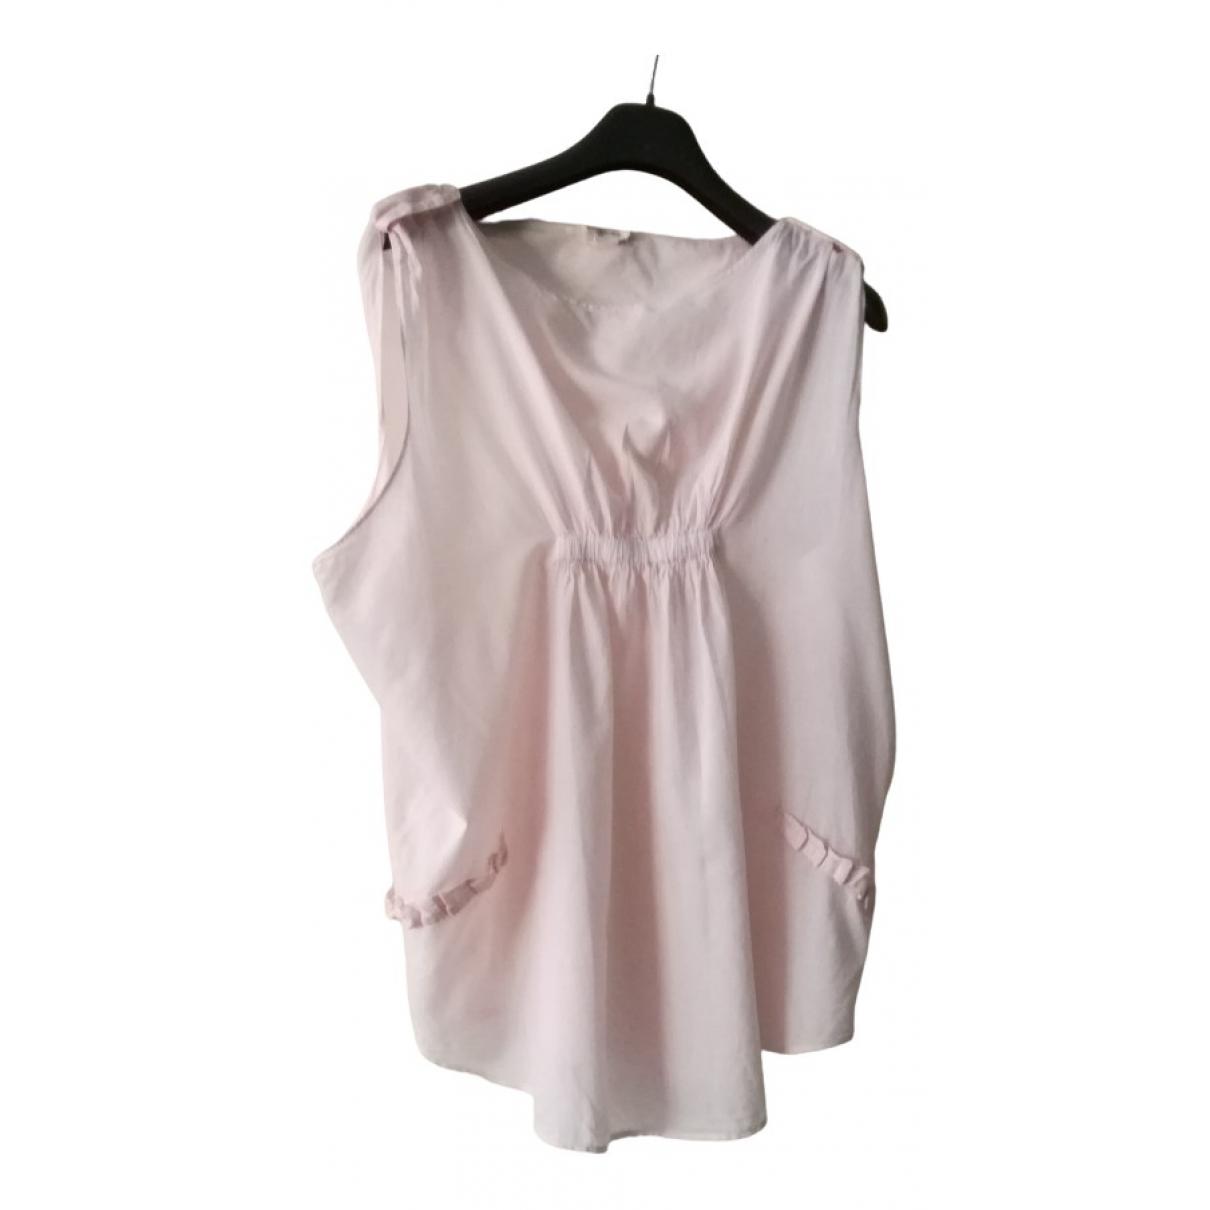 Diesel - Top   pour femme en coton - rose